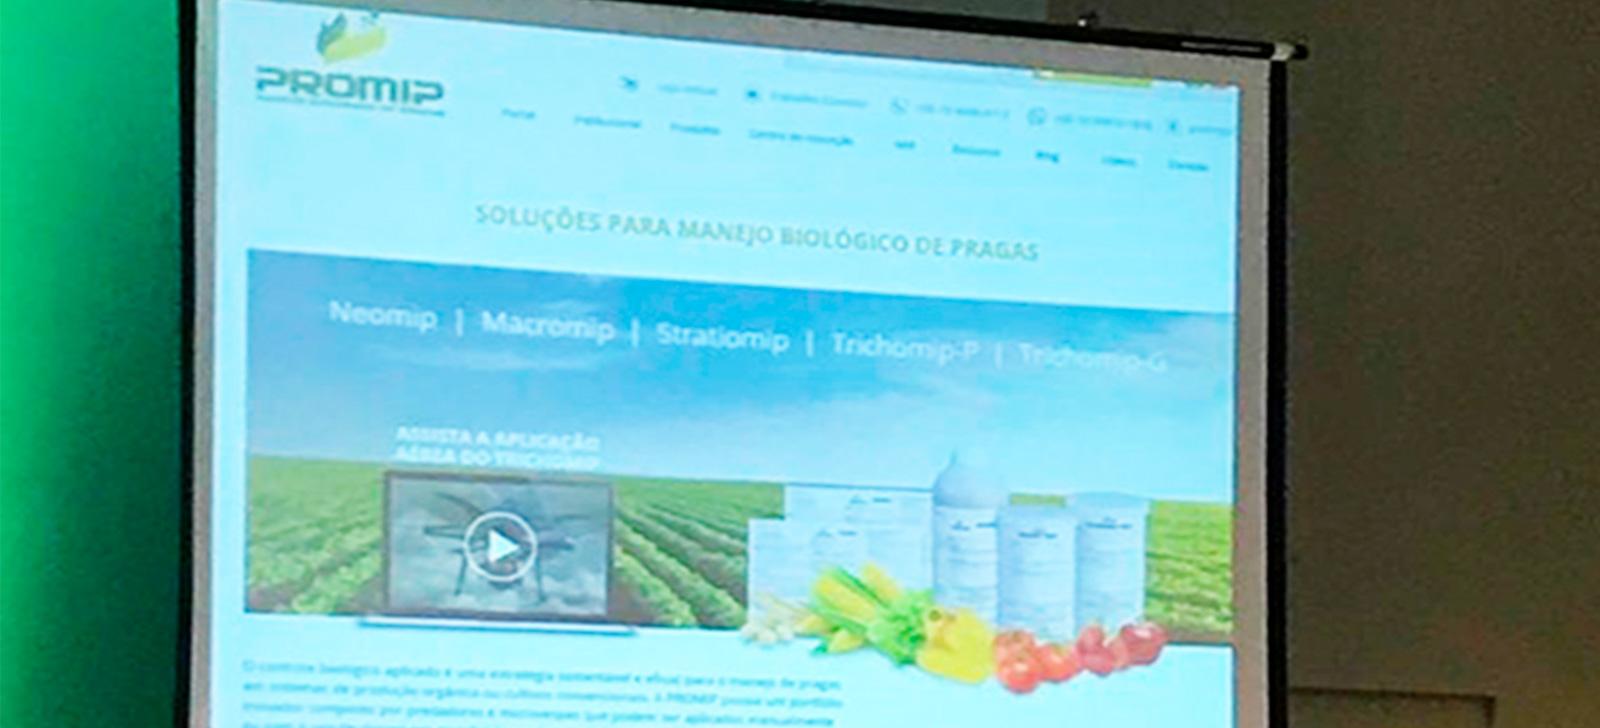 promip manejo integrado de pragas controle biologico promip citada no congresso brasileiro de nematologia (1)